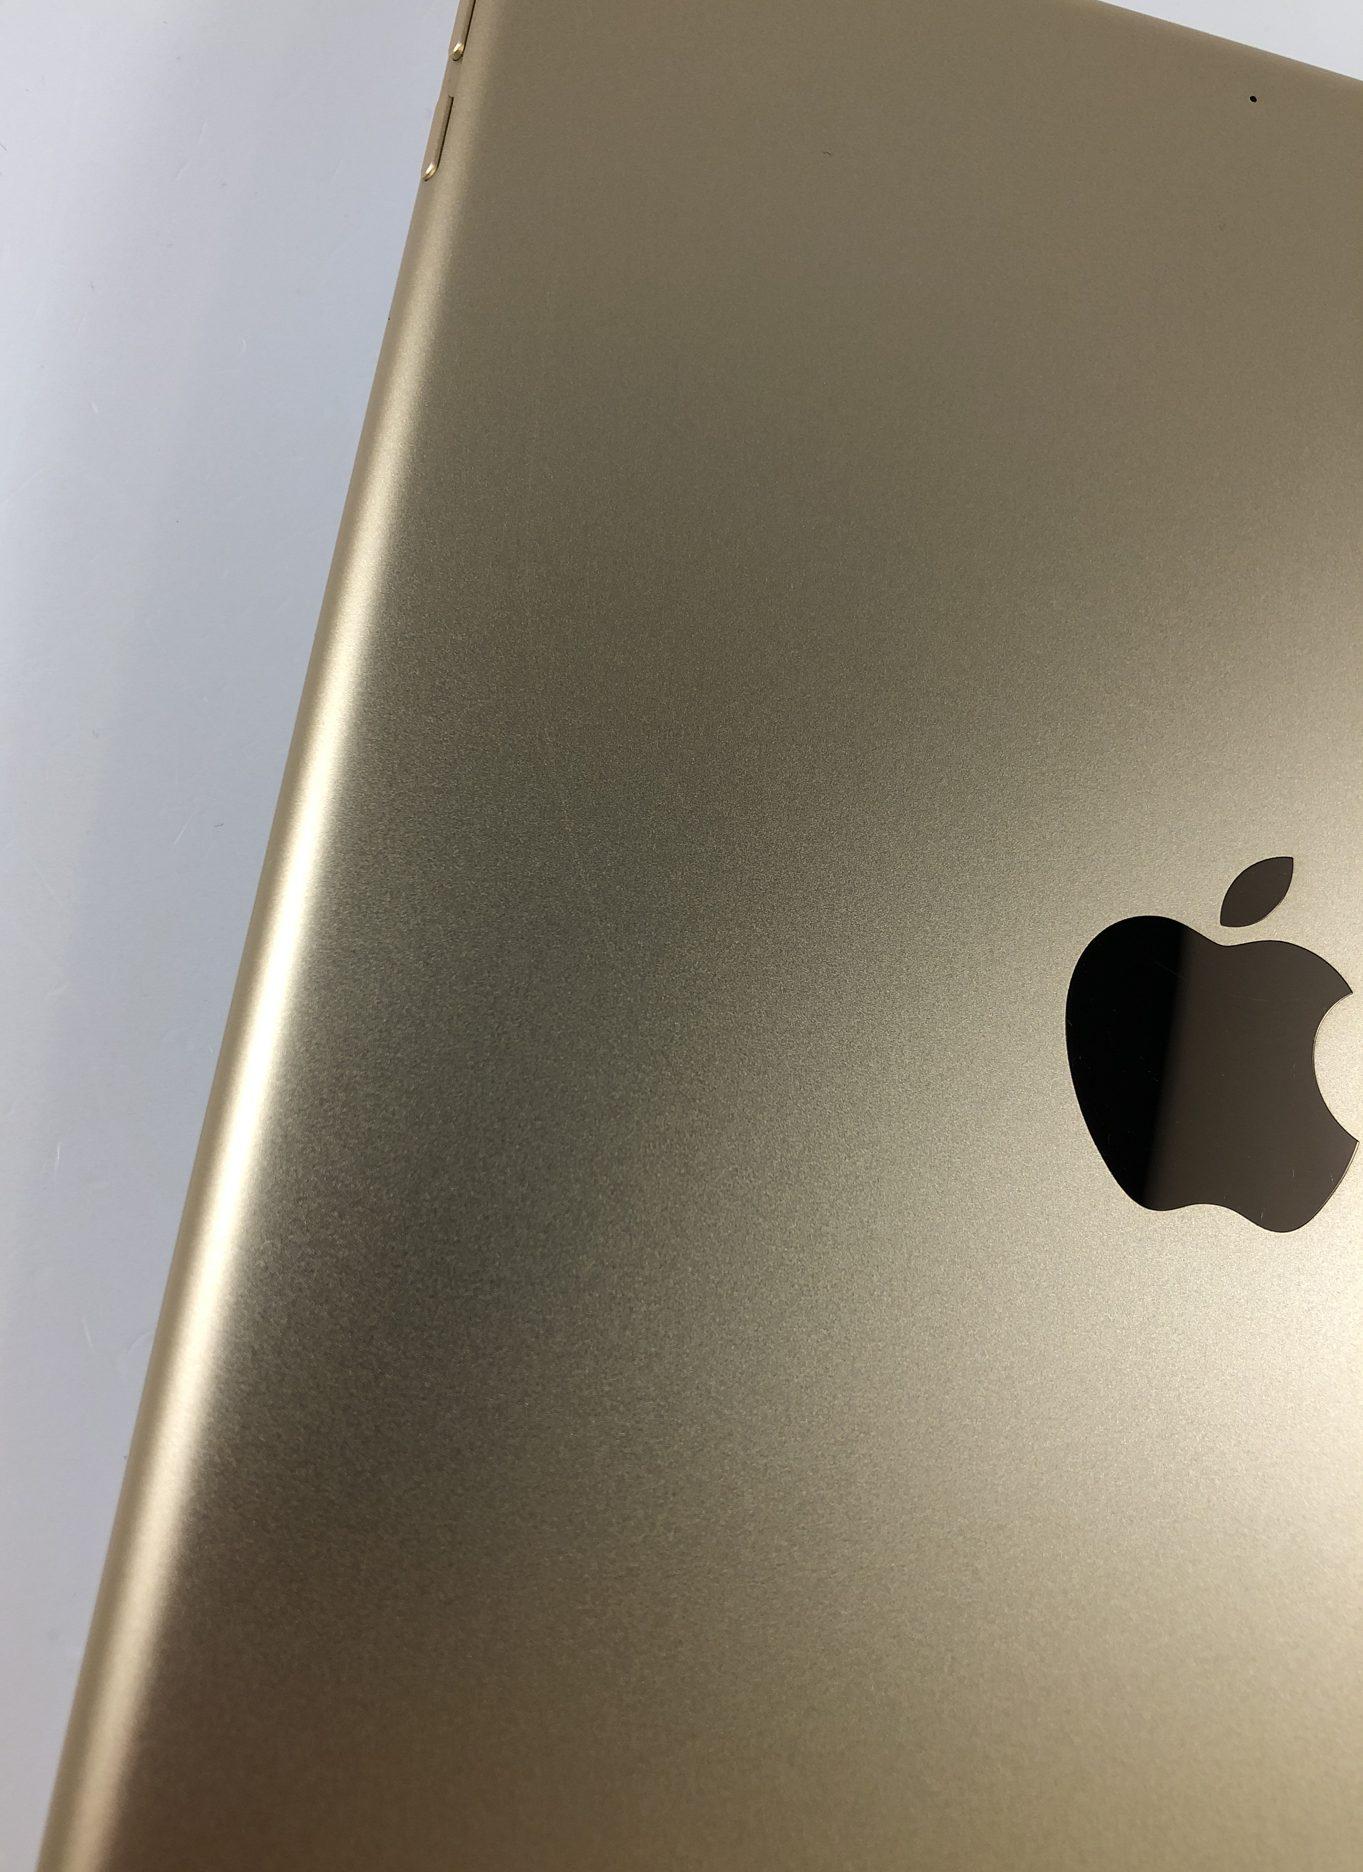 iPad 5 Wi-Fi 128GB, 128GB, Gold, bild 3